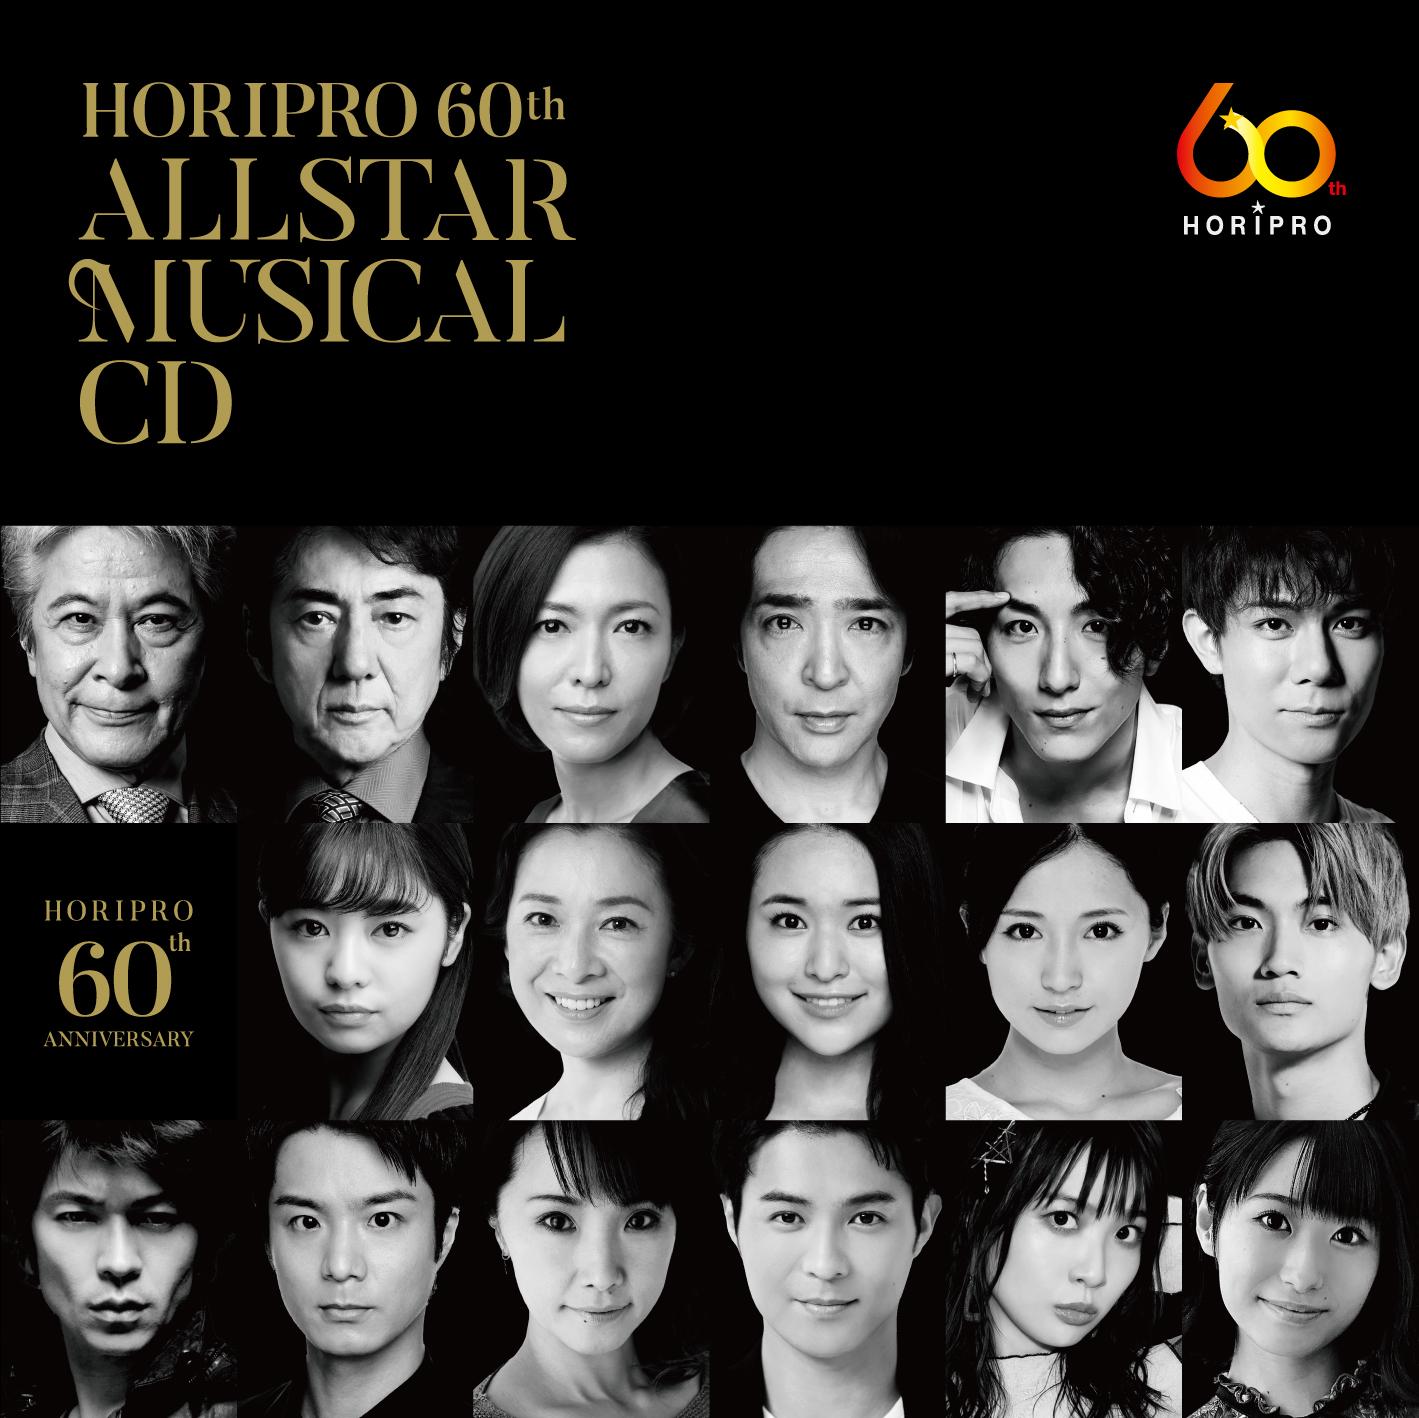 ホリプロオンラインショップ - HORIPRO ONLINE SHOP / ホリプロ60周年 ...